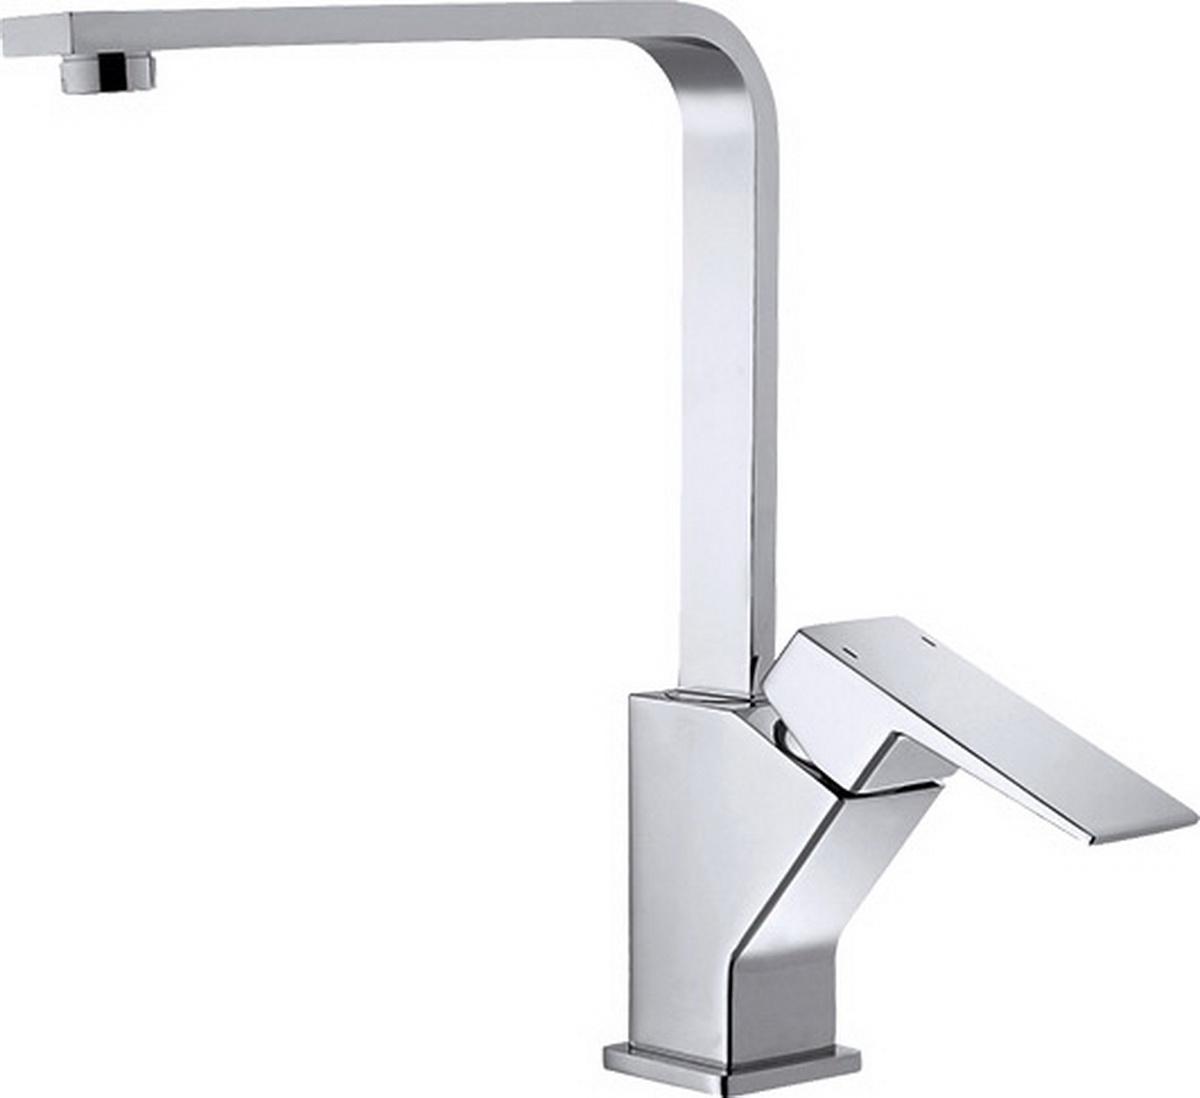 Смеситель для кухни Argo Grano, высота 27,8 см35792Смеситель для кухни Argo предназначен для смешивания холодной и горячей воды, устанавливается на мойку. Смеситель изготовлен из качественного металла с покрытием из никеля и хрома. Запорный механизм: картридж d-35 мм longTop-size sedal (Испания). Крепеж двухшточный double-rod. Аэратор М 24х1 наружная резьба neoperl cascade slc антикалькар 7,5 - 9 л/мин. при 0,3 МПа. Материал: металл, латунь. Покрытие: никель/хром. Гибкая подводка mateu 50 см.